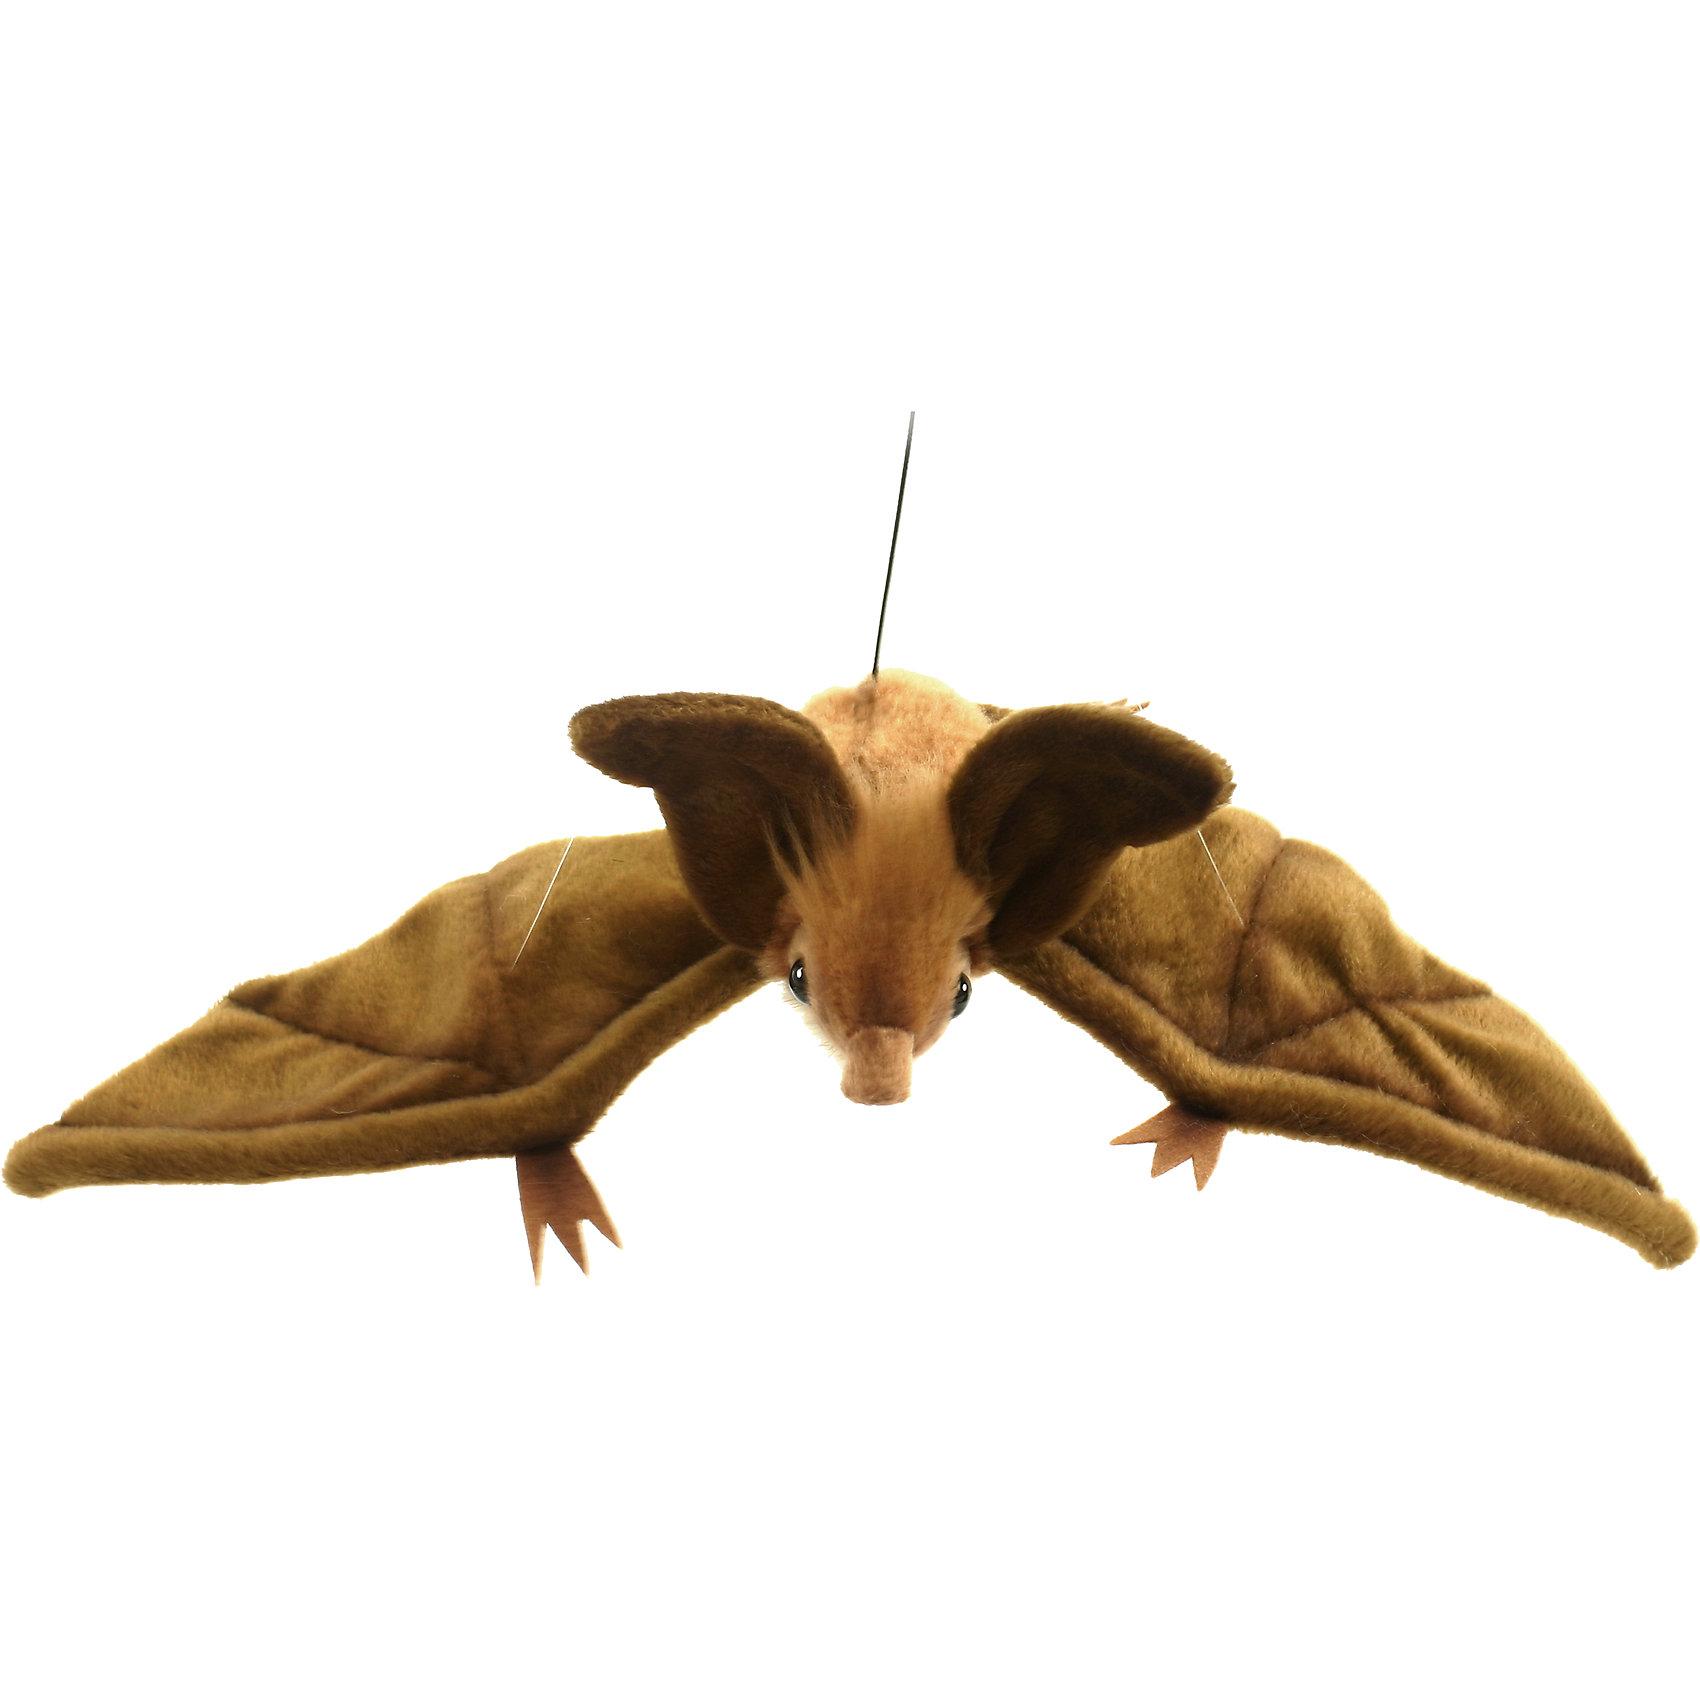 Коричневая летучая мышь (парящая), 37 см, HansaМягкие игрушки животные<br>Коричневая летучая мышь (парящая), 37 см – игрушка от знаменитого бренда Hansa, специализирующегося на выпуске мягких игрушек с высокой степенью натуралистичности. Внешний вид игрушки полностью соответствует своему реальному прототипу – летучей мыши. Она выполнена из искусственного меха с коротким ворсом коричневого цвета. Использованные материалы обладают гипоаллергенными свойствами. Внутри игрушки имеется металлический каркас, позволяющий изменять положение. <br>Игрушка относится к серии Дикие животные. <br>Мягкие игрушки от Hansa подходят для сюжетно-ролевых игр, для обучающих игр, направленных на знакомство с животным миром дикой природы. Кроме того, их можно использовать в качестве интерьерных игрушек. Коллекция из нескольких игрушек позволяет создать свой домашний зоопарк, который будет радовать вашего ребенка долгое время, так как ручная работа и качественные материалы гарантируют их долговечность и прочность.<br><br>Дополнительная информация:<br><br>- Вид игр: сюжетно-ролевые игры, коллекционирование, интерьерные игрушки<br>- Предназначение: для дома, для детских развивающих центров, для детских садов<br>- Материал: искусственный мех, наполнитель ? полиэфирное волокно<br>- Размер (ДхШхВ): 37*10*12 см<br>- Вес: 475 г<br>- Особенности ухода: сухая чистка при помощи пылесоса или щетки для одежды<br><br>Подробнее:<br><br>• Для детей в возрасте: от 3 лет <br>• Страна производитель: Филиппины<br>• Торговый бренд: Hansa<br><br>Коричневую летучую мышь (парящую), 37 см можно купить в нашем интернет-магазине.<br><br>Ширина мм: 37<br>Глубина мм: 10<br>Высота мм: 12<br>Вес г: 475<br>Возраст от месяцев: 36<br>Возраст до месяцев: 2147483647<br>Пол: Унисекс<br>Возраст: Детский<br>SKU: 4927150